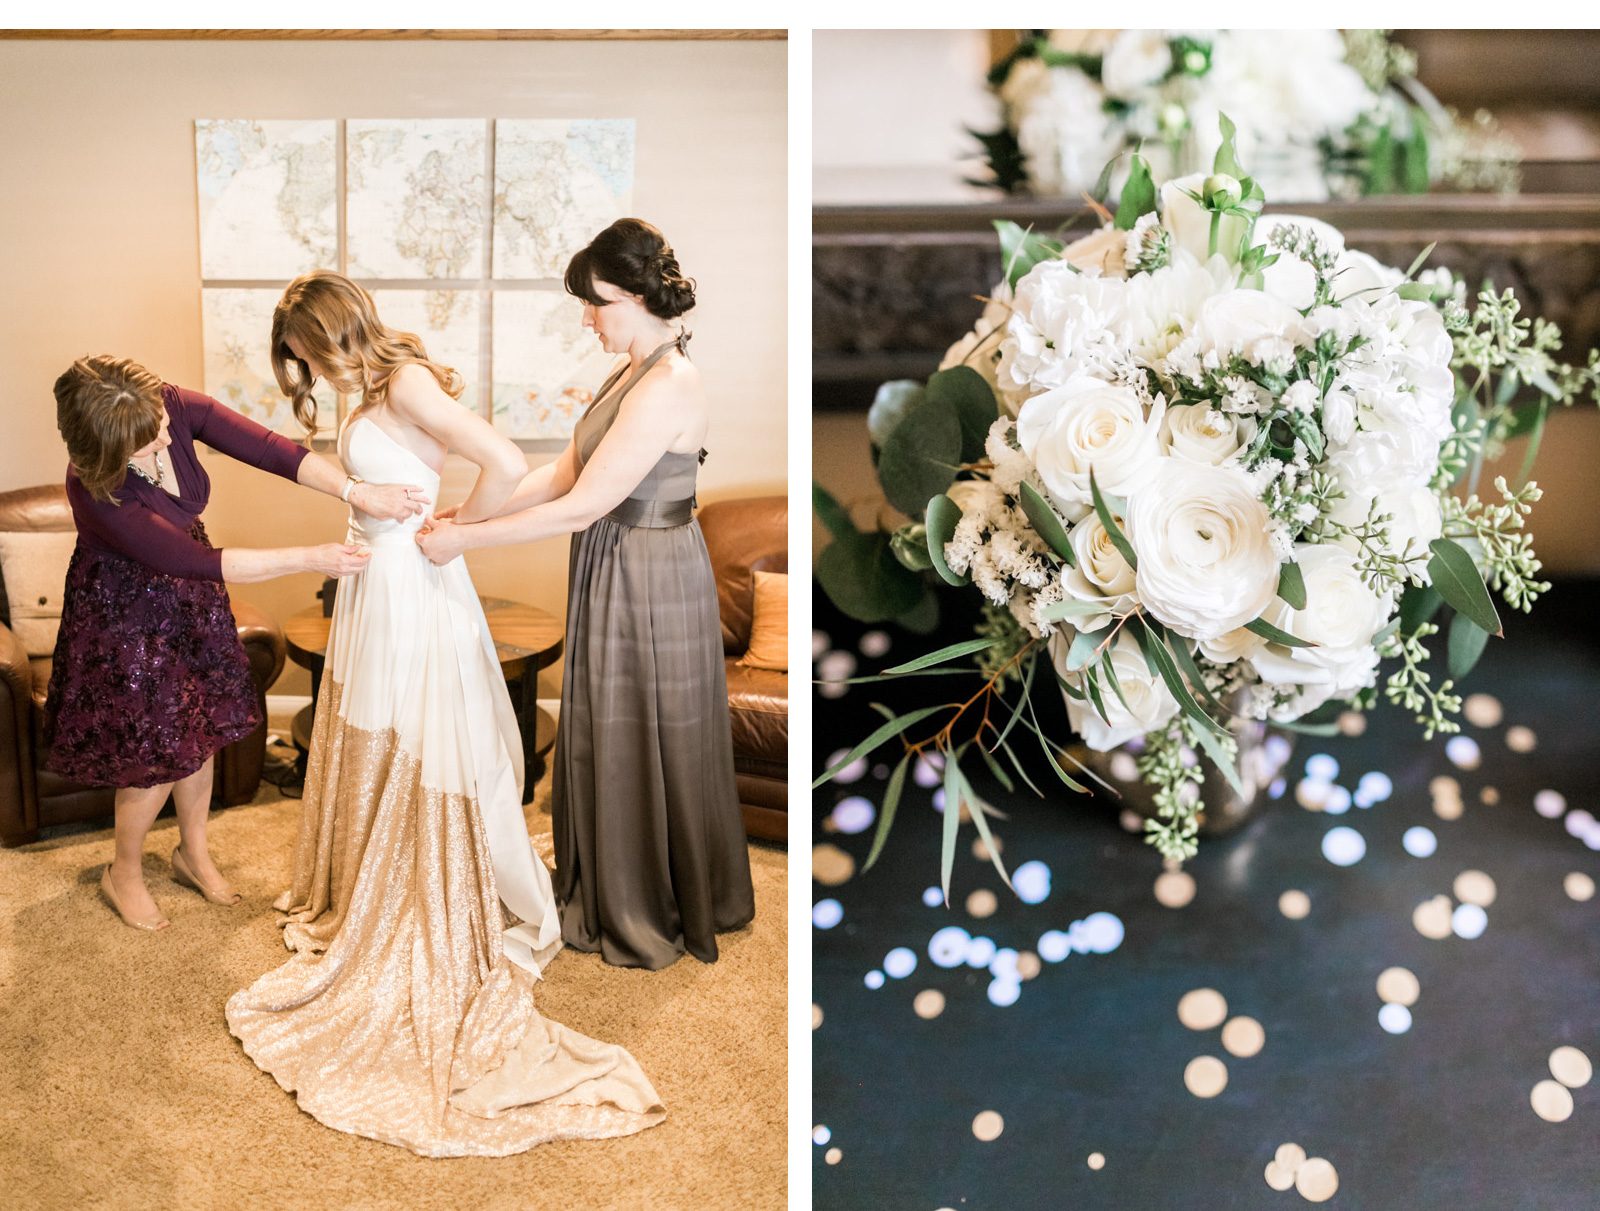 Orange-County-Wedding-Natalie-Schutt-Photography_06.jpg